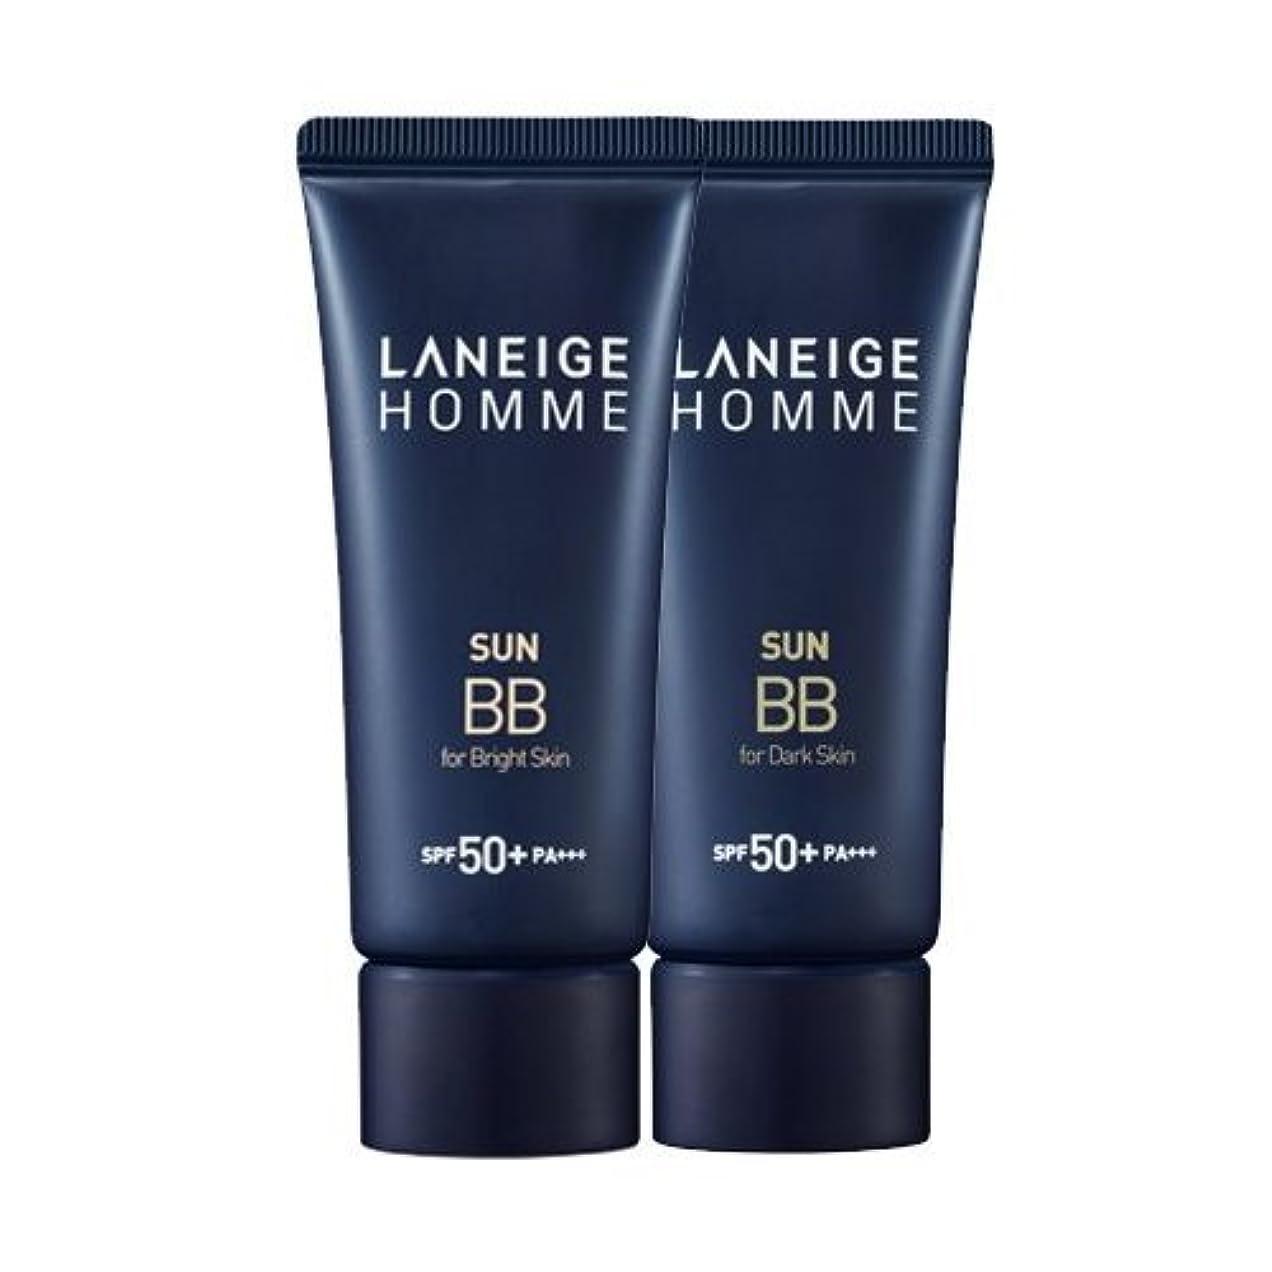 フィット記憶に残る故意のKorea Cosmetics 2014 Advanced Laneige Homme Sun BB Cream (SPF50+/PA+++) - #Dark skin